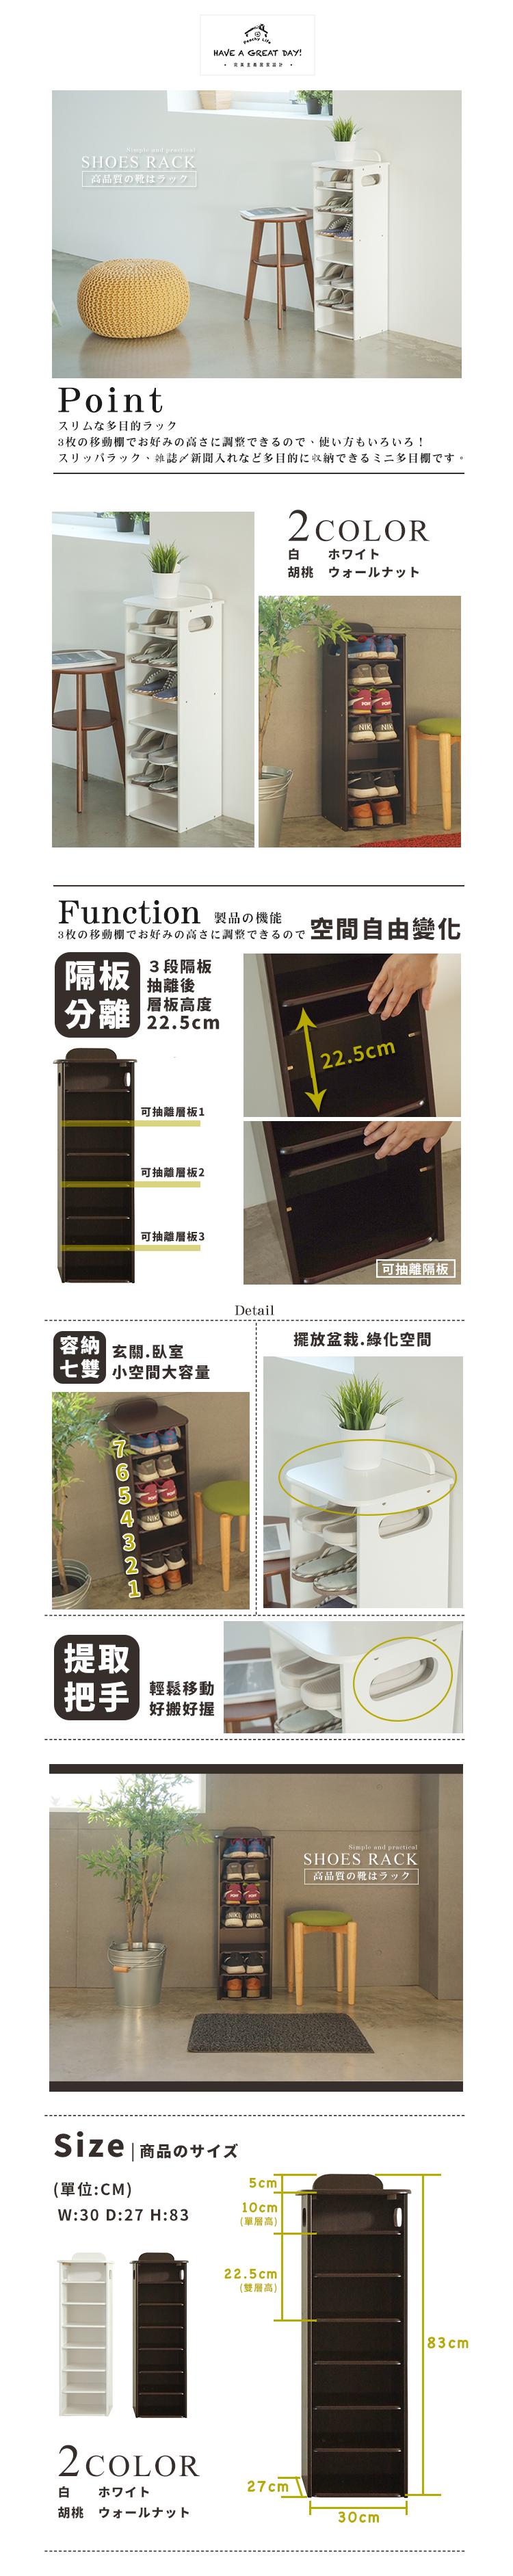 完美主義-鞋櫃-鞋架-室內拖收納-韓系品味簡約7層鞋櫃